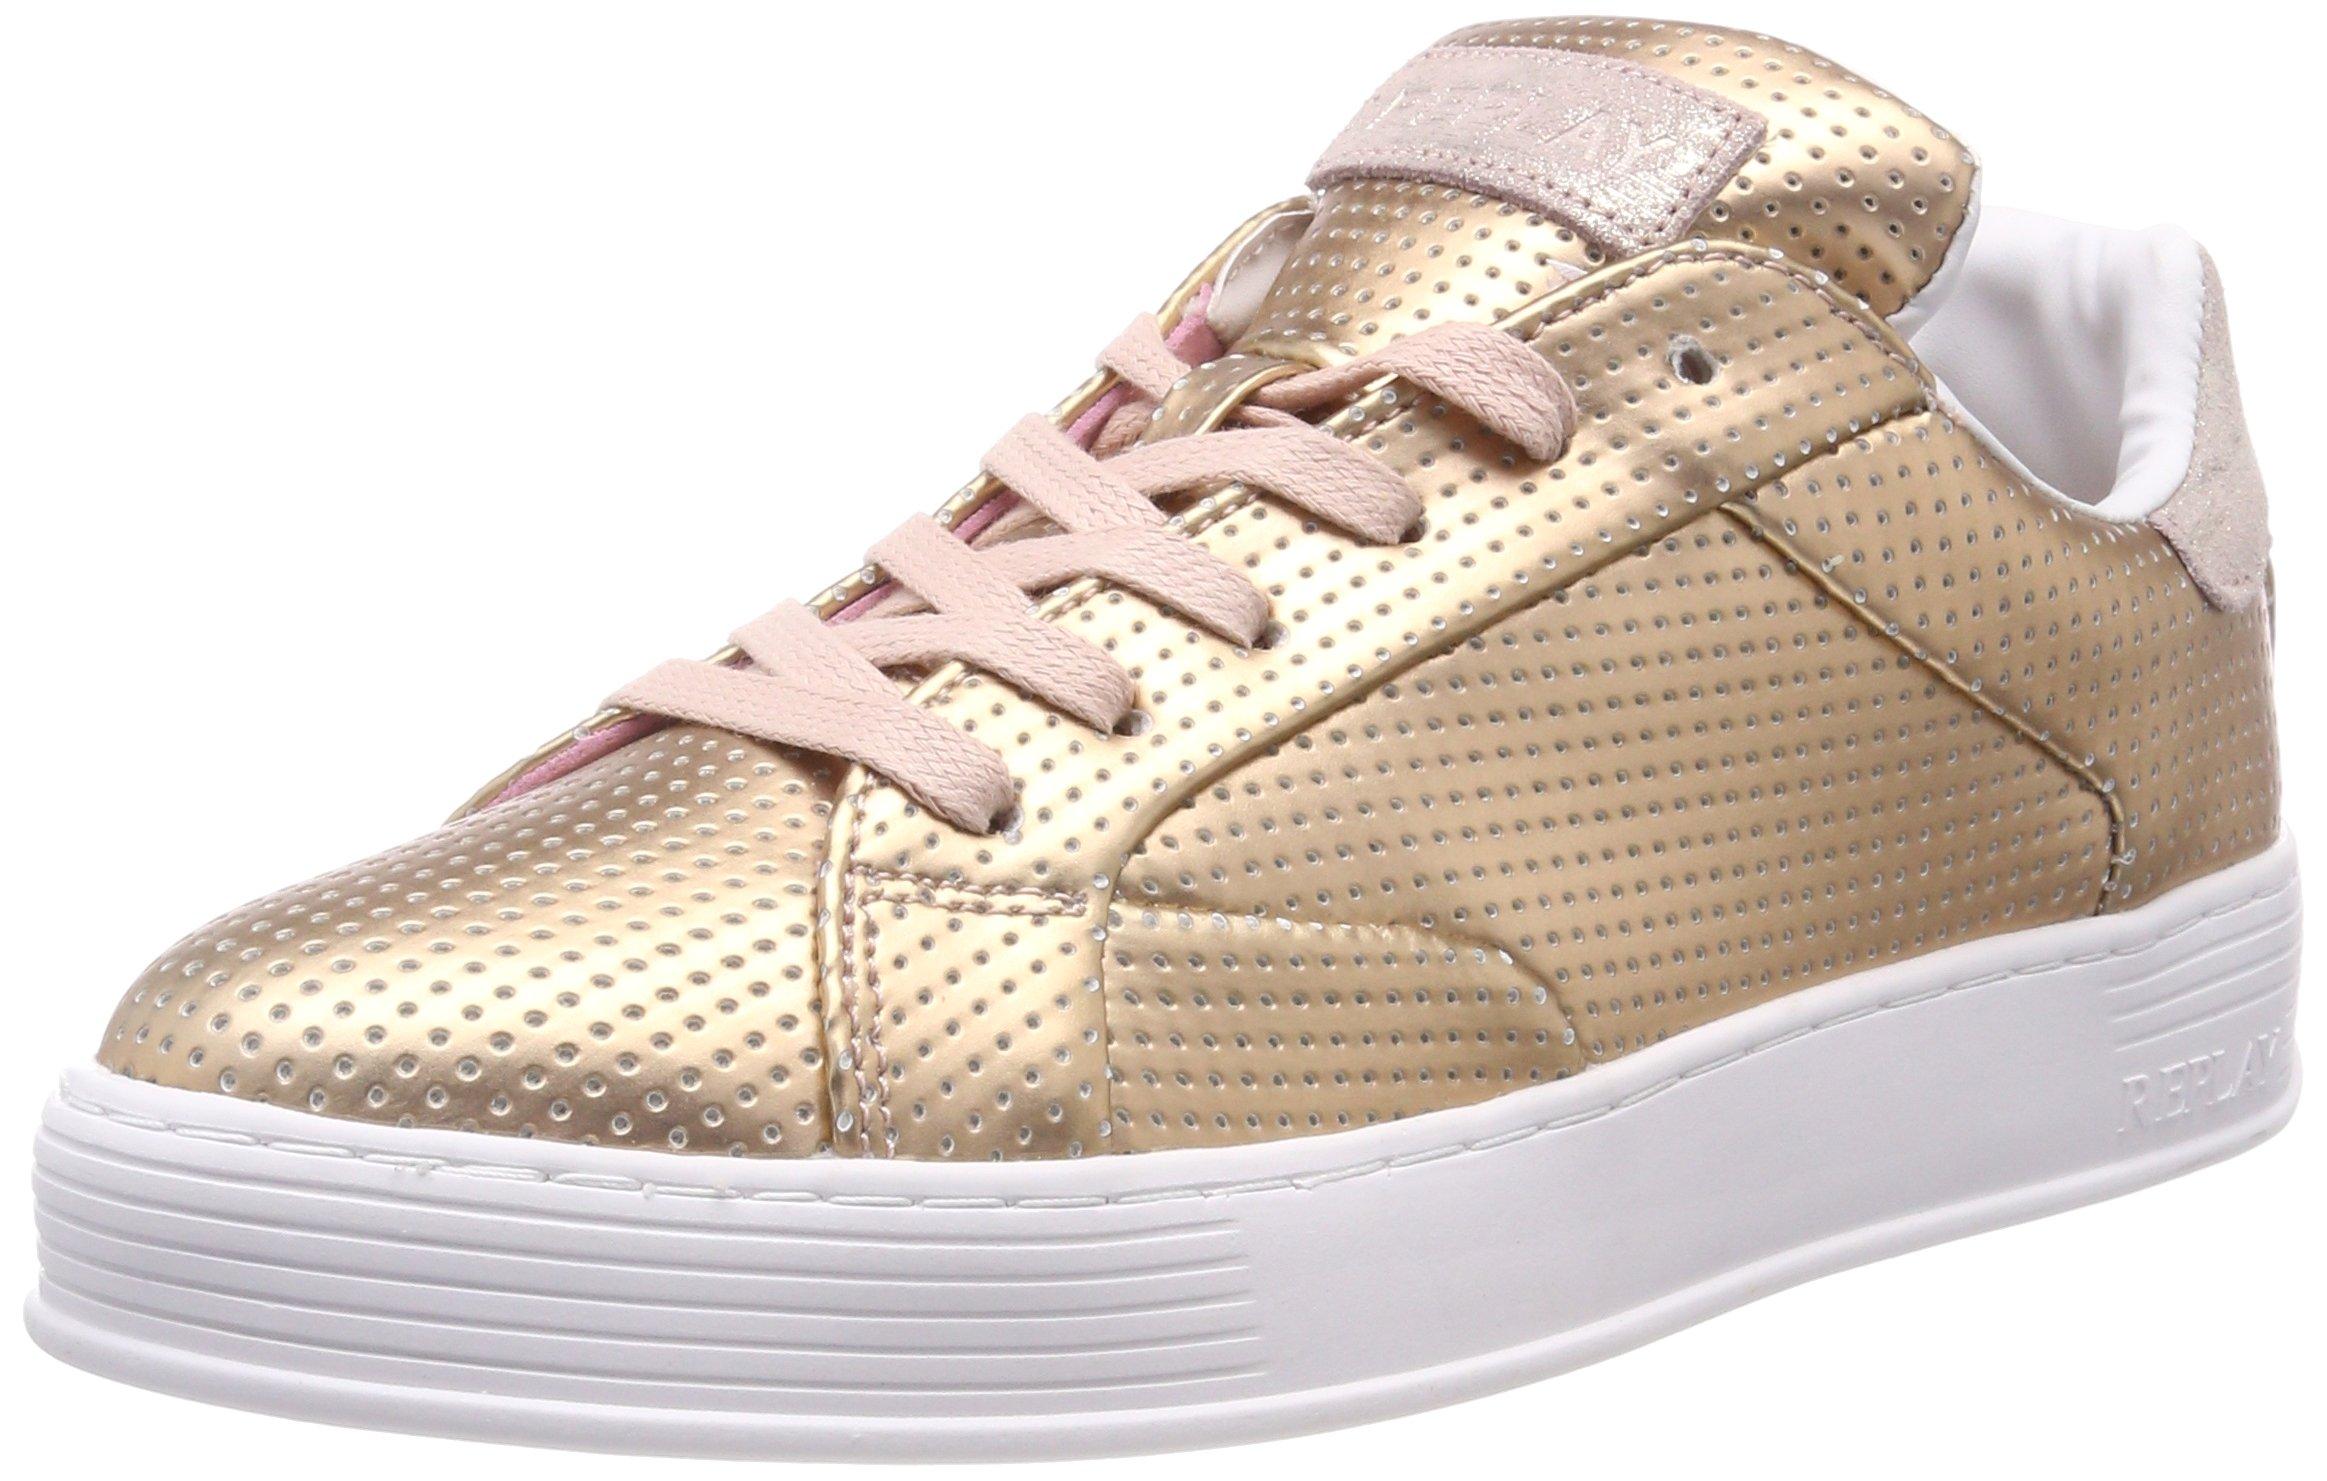 Replay FemmeRosecopper37 Basses Basses LowaSneakers FemmeRosecopper37 Replay Eu LowaSneakers lcTFKJ1